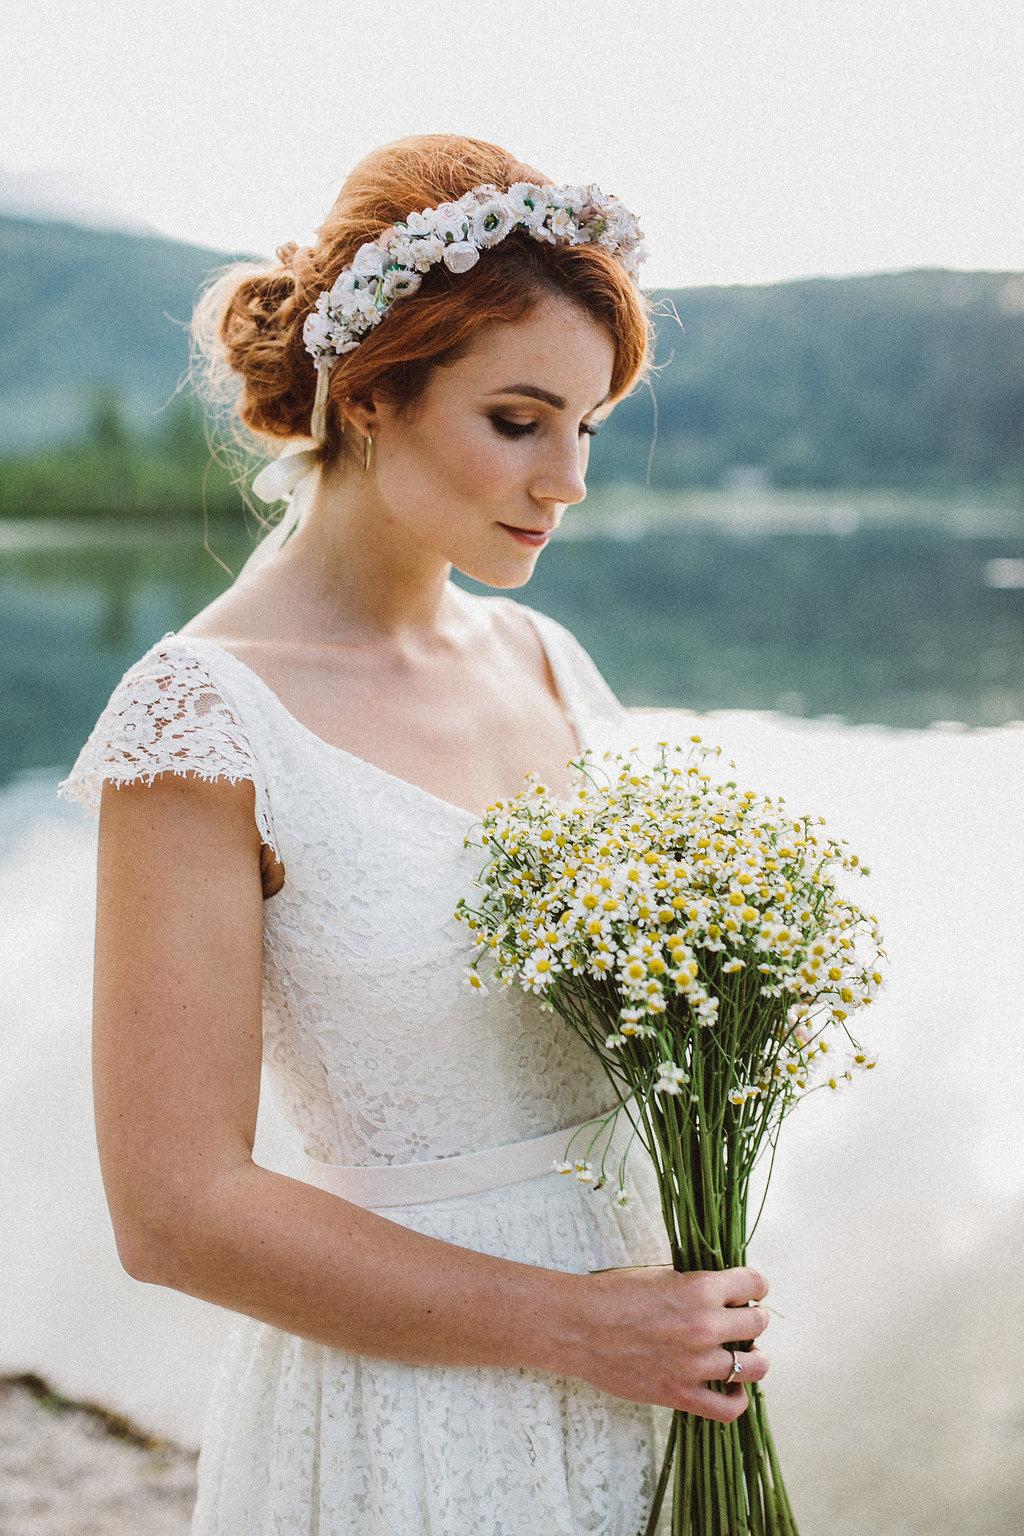 weareflowergirls-flowercrown-wedding-bride-blumenkranz-hochzeit.jpg